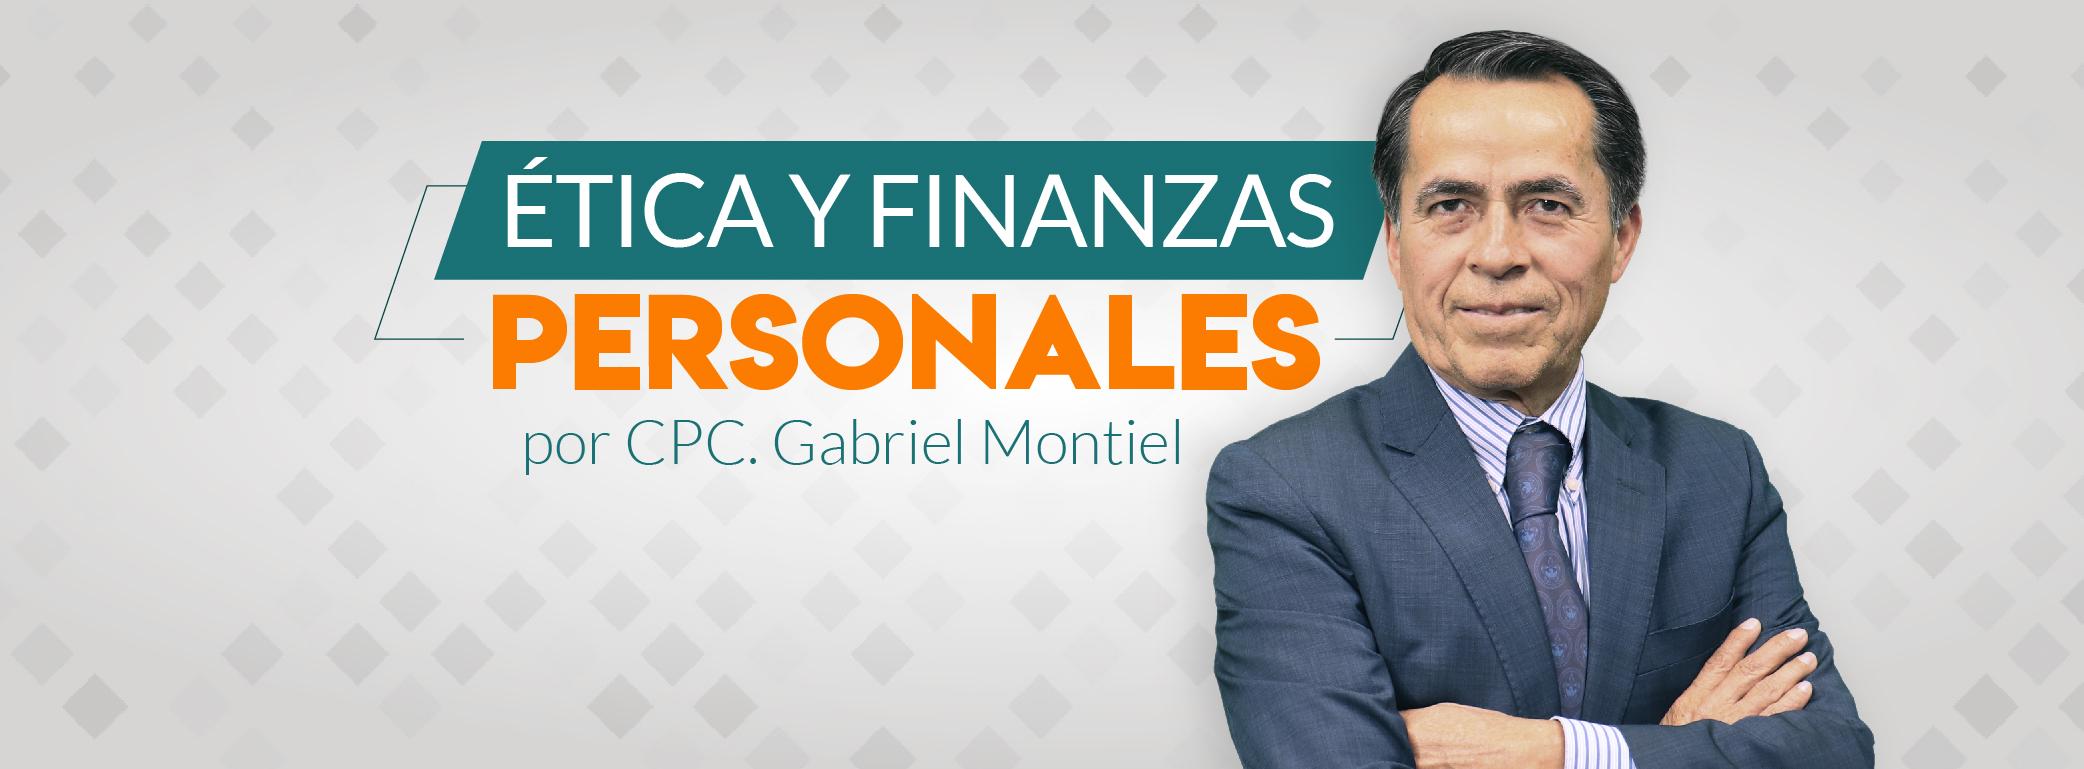 Ética y finanzas personales